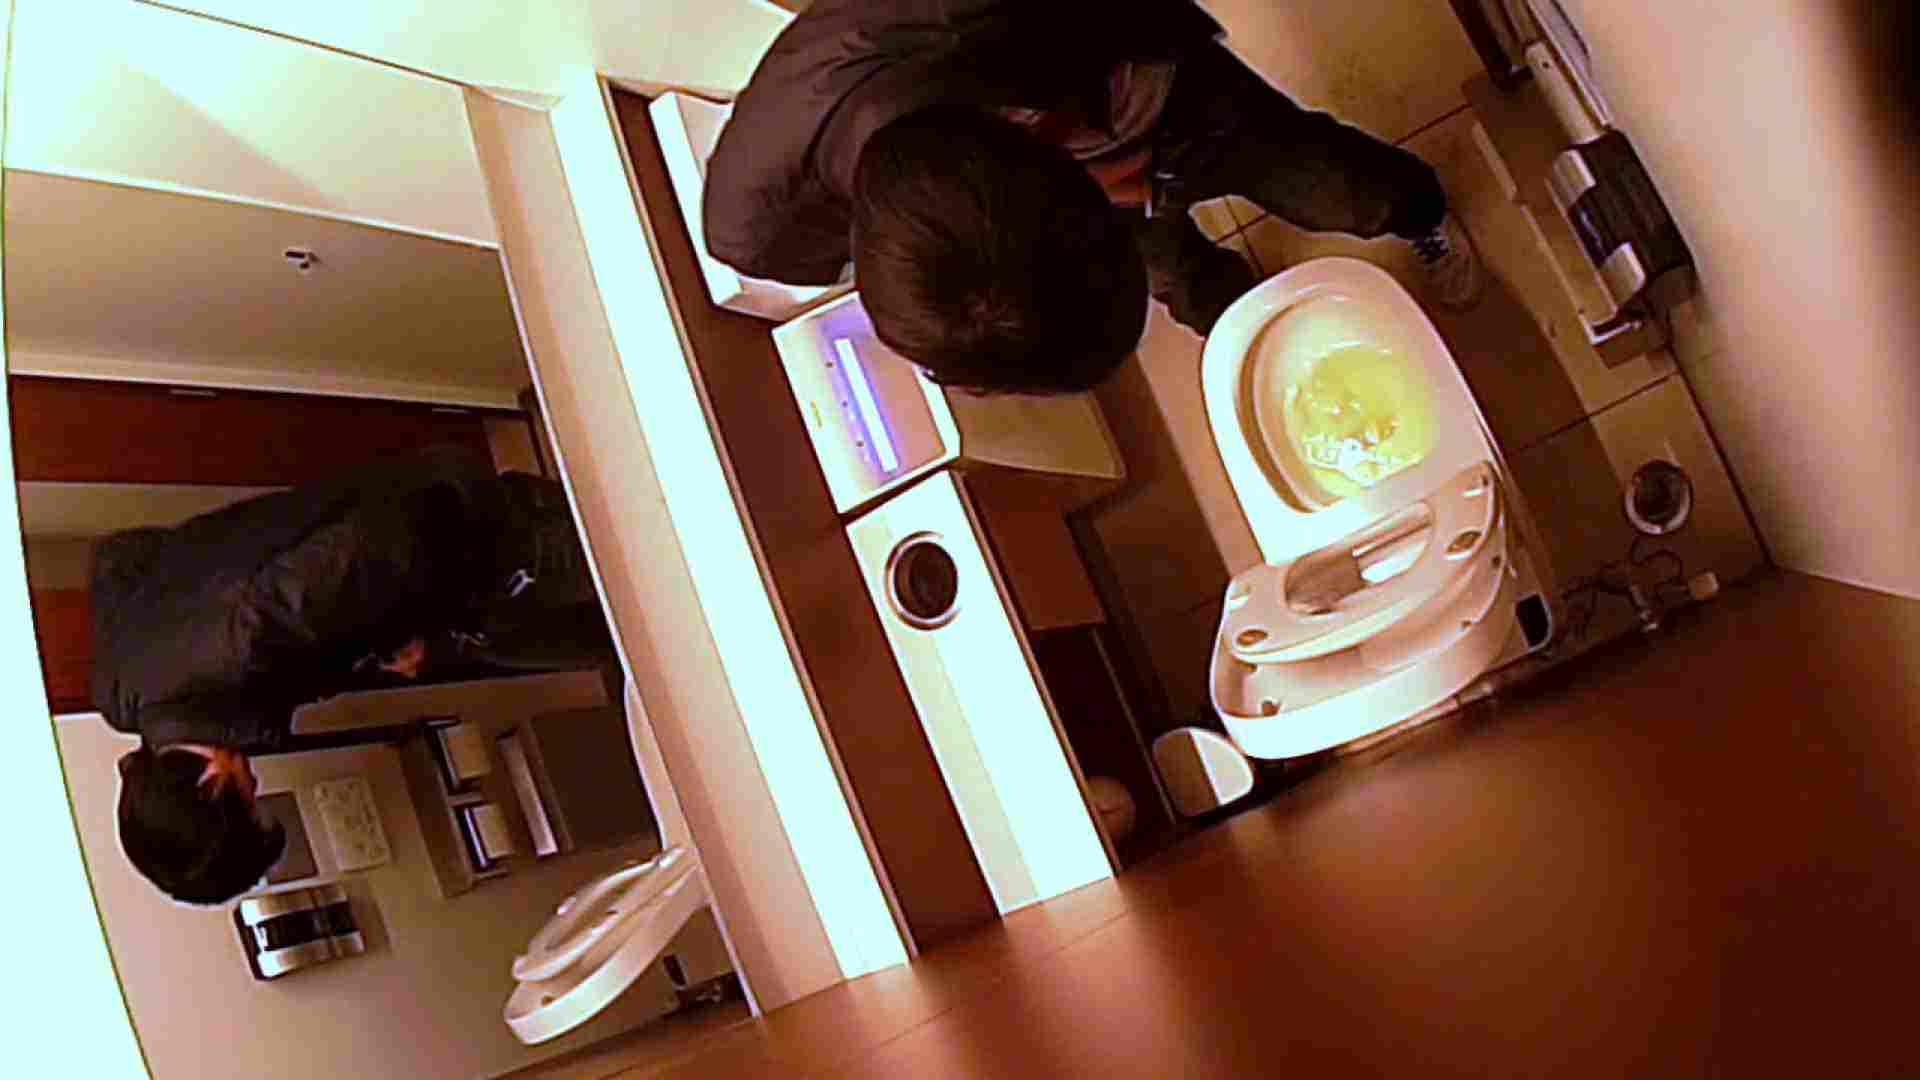 ゲイエロ動画 すみませんが覗かせてください Vol.30 トイレ